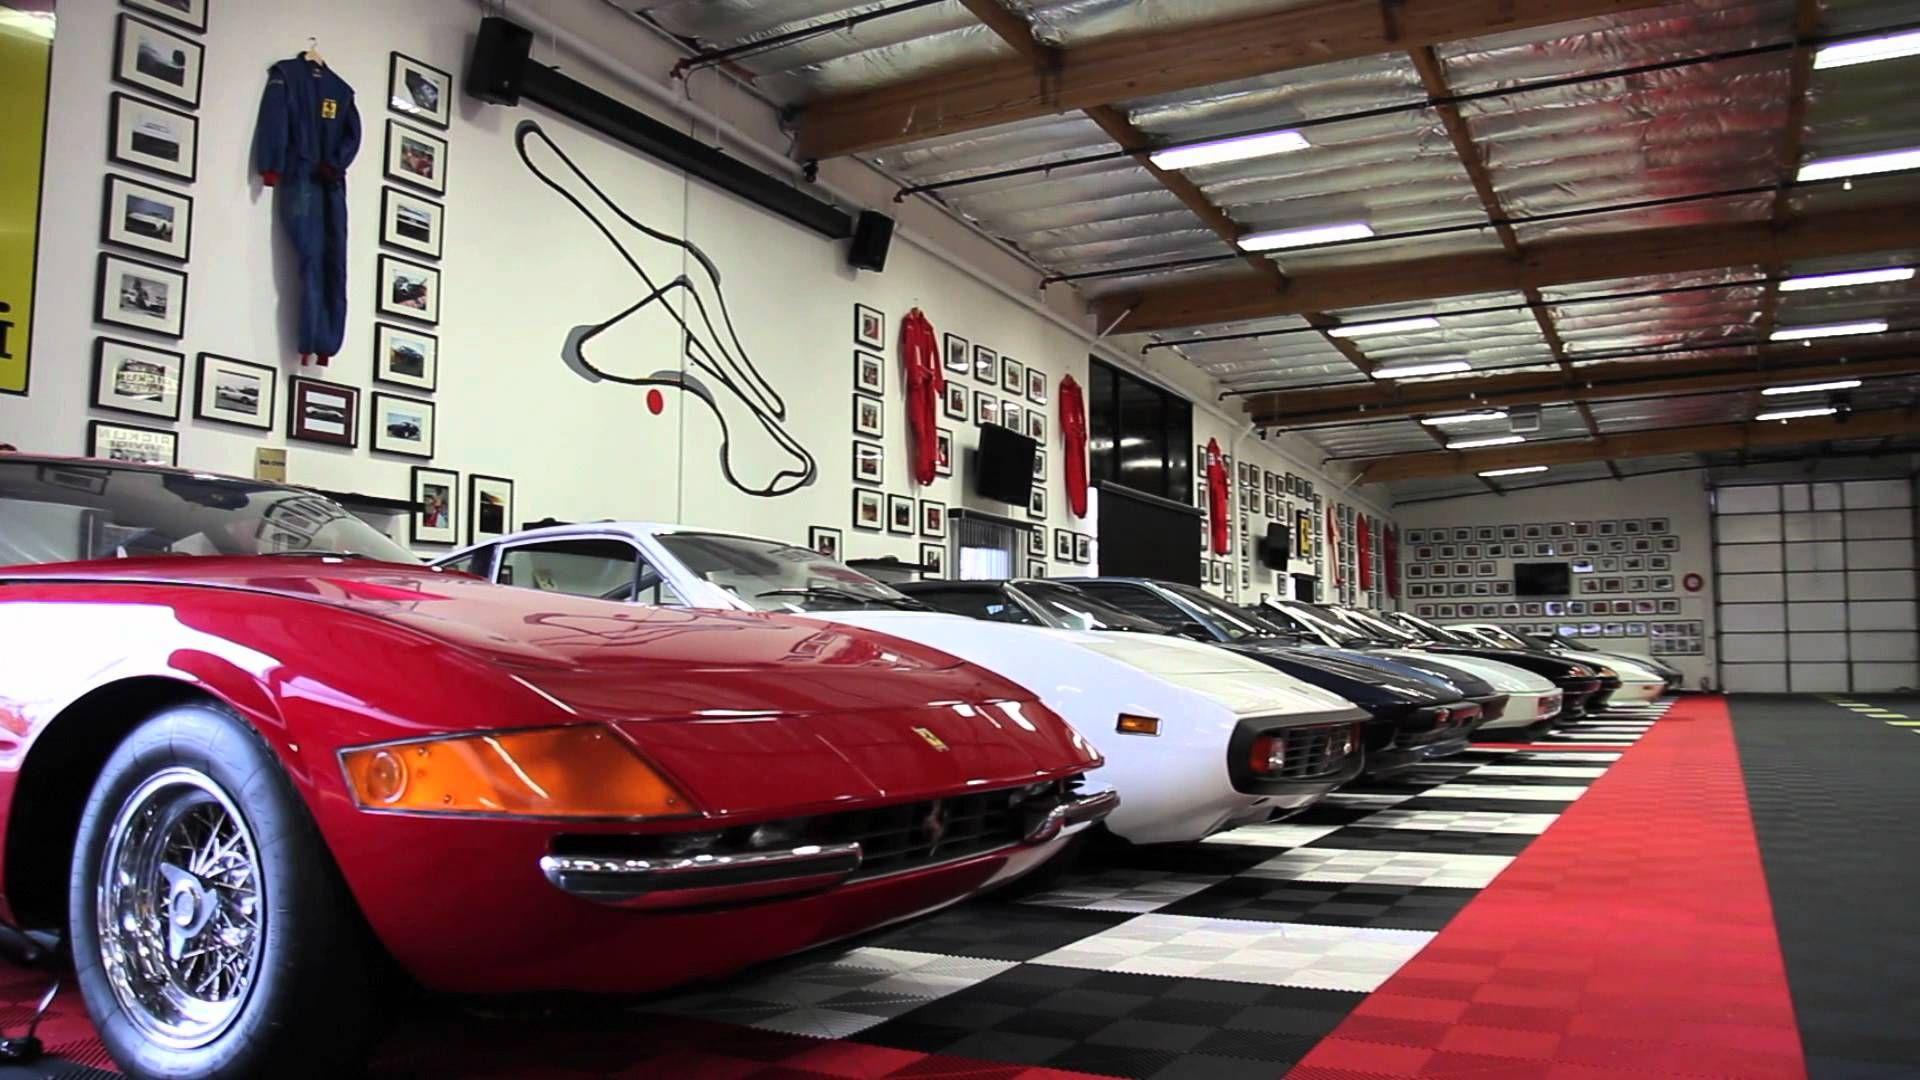 Garage screen wallpaper